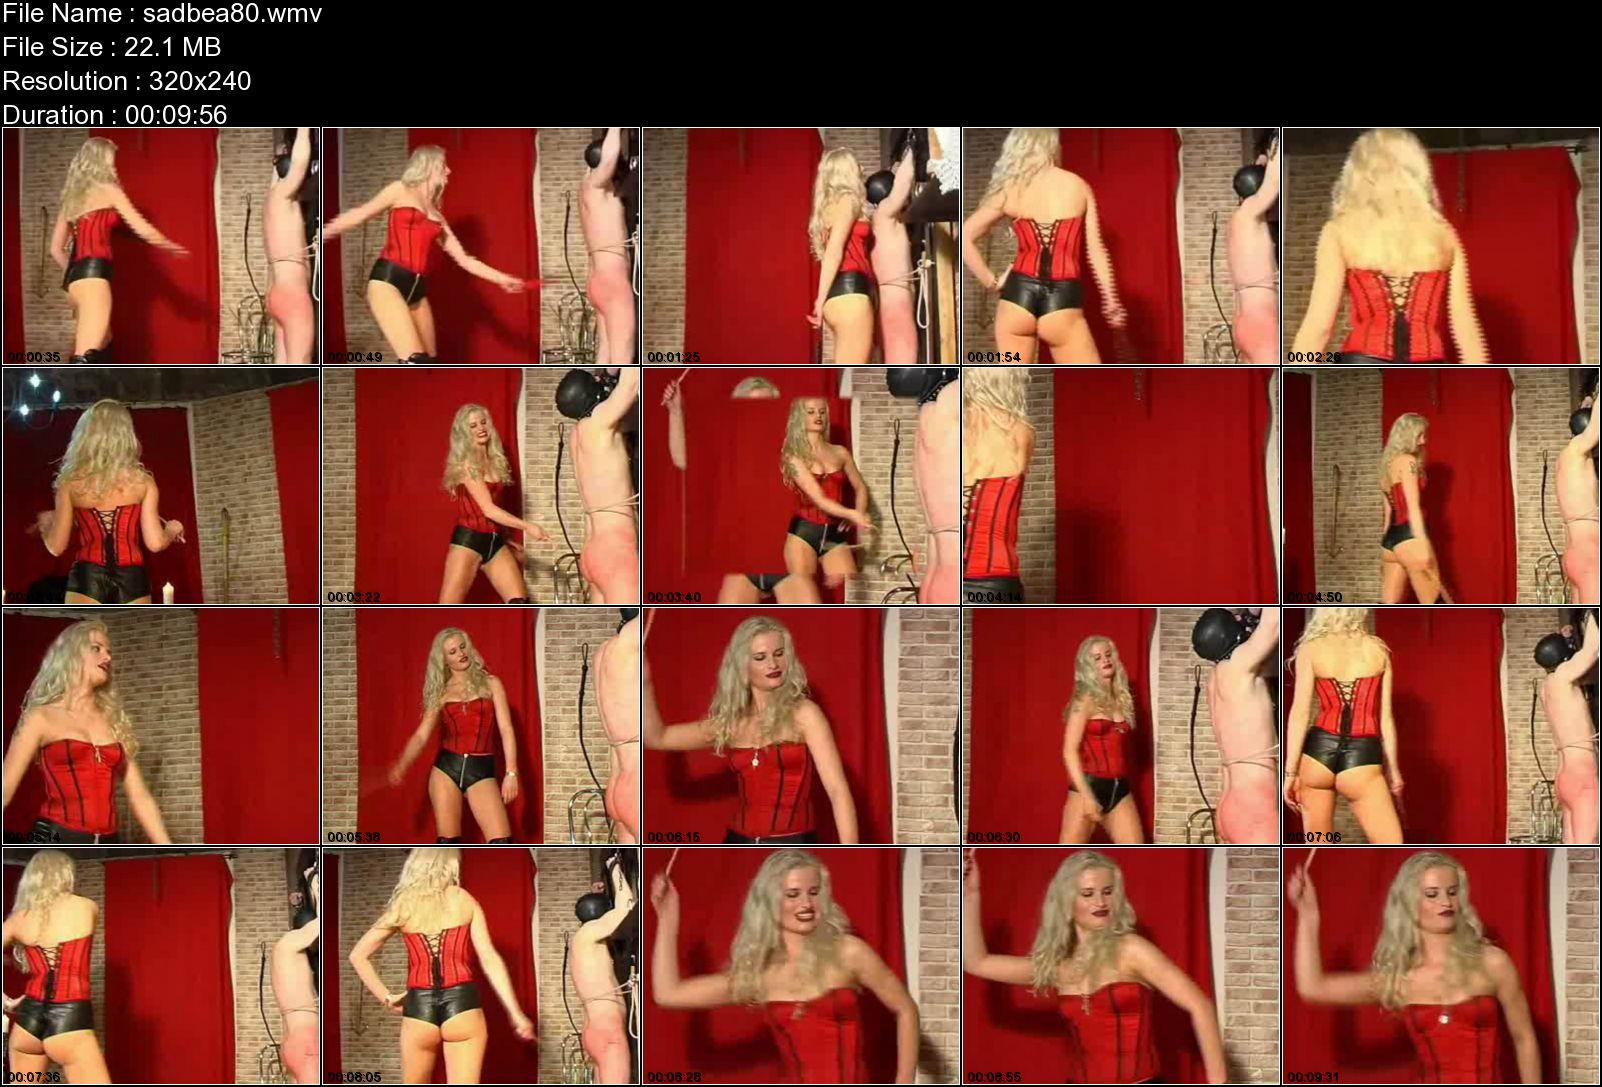 SYONERA VON STYX In Scene: ABRICHTUNGEN - SADOBEAUTIES - LQ/240p/WMV